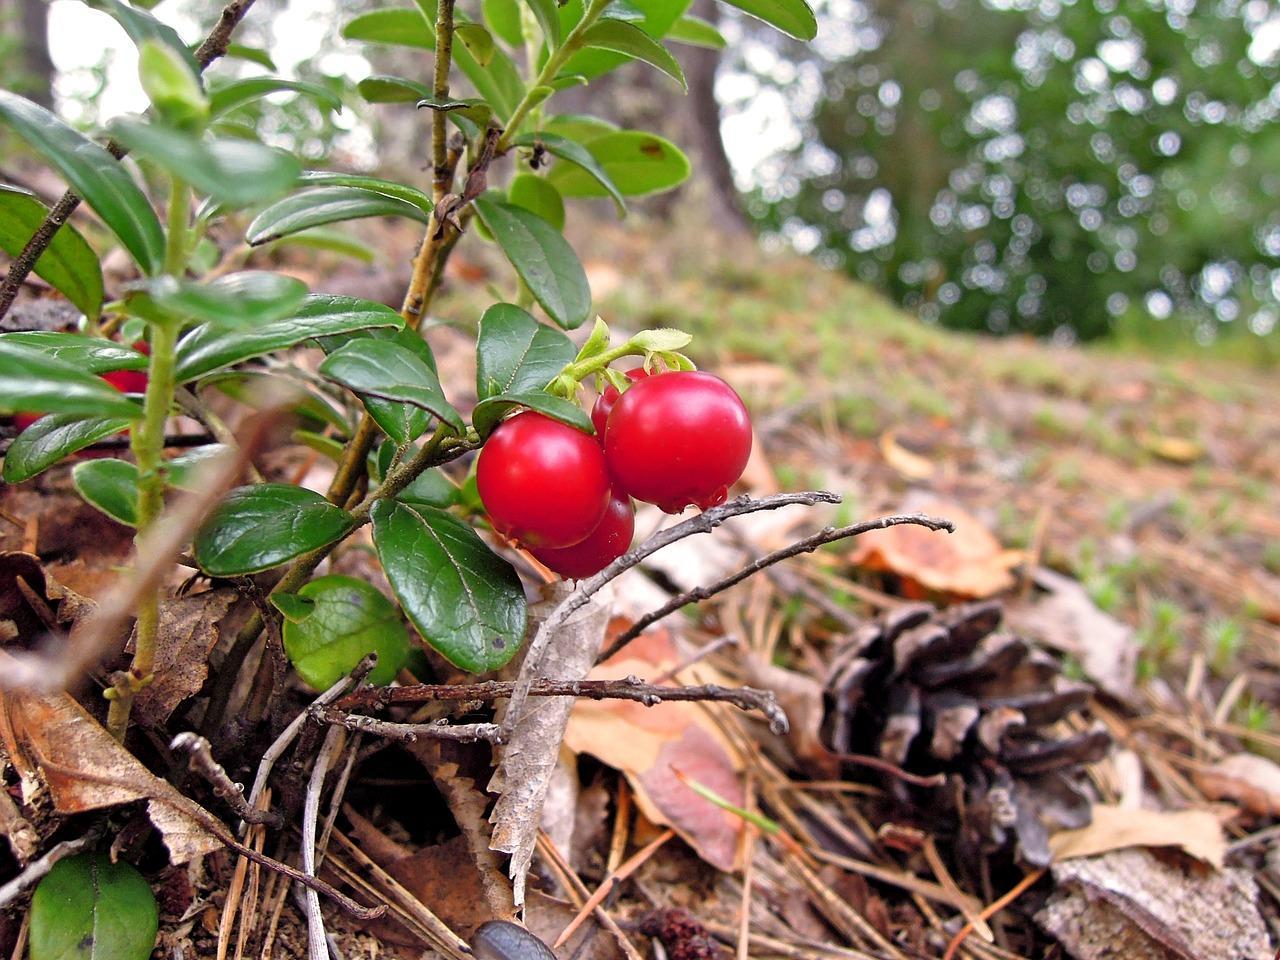 Фото Врачи: ягода долголетия защитит от заражения коронавирусом 2